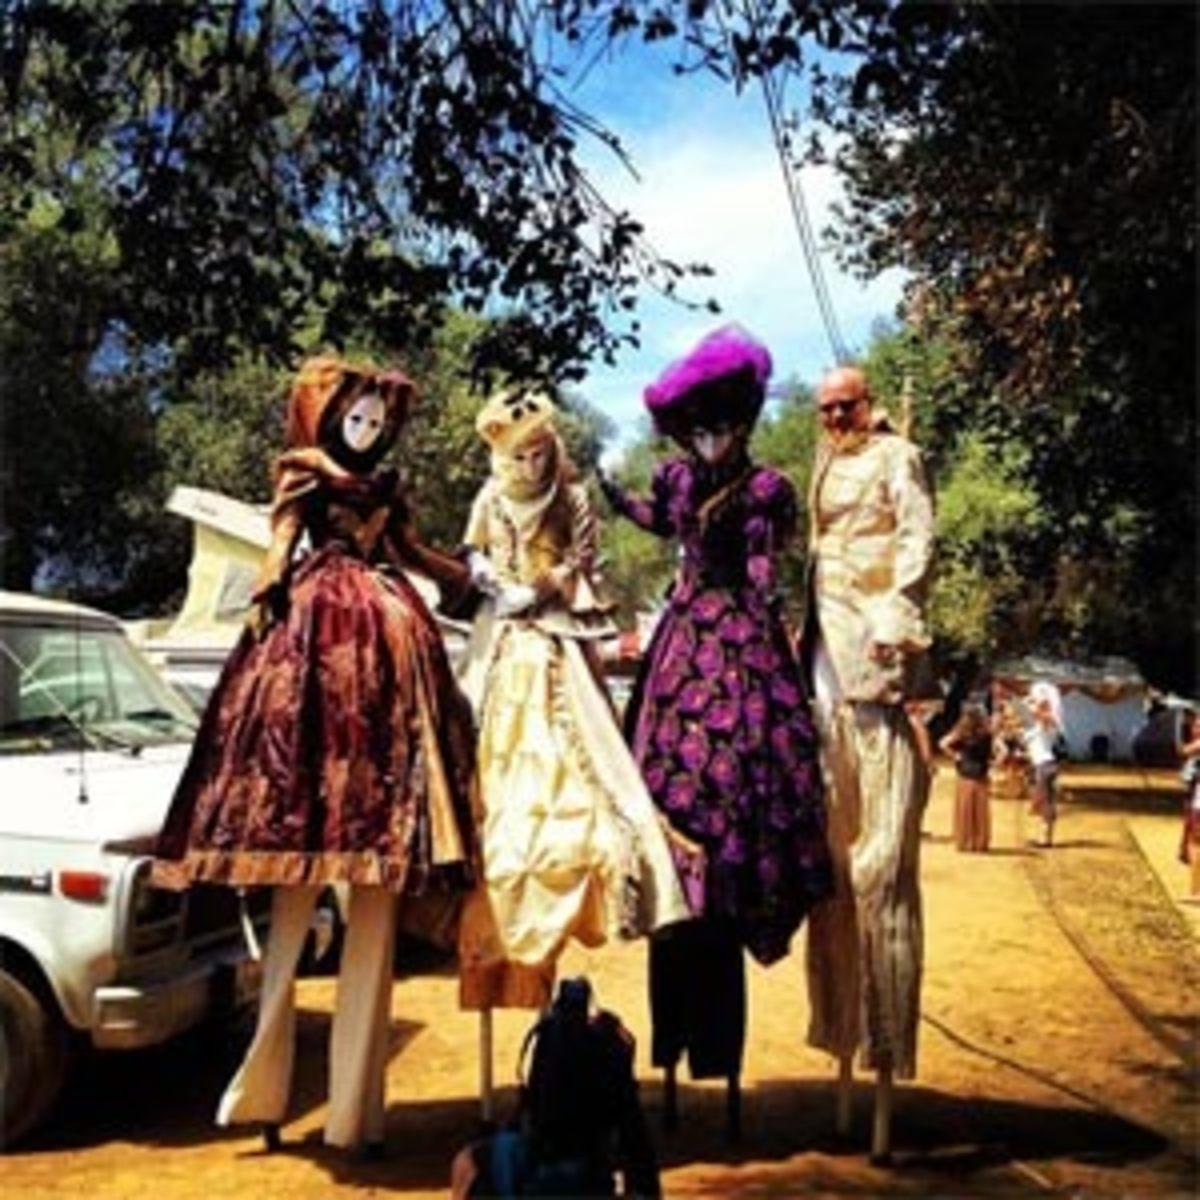 Event Recap: Lucidity Festival Illuminates the Santa Barbra Scene